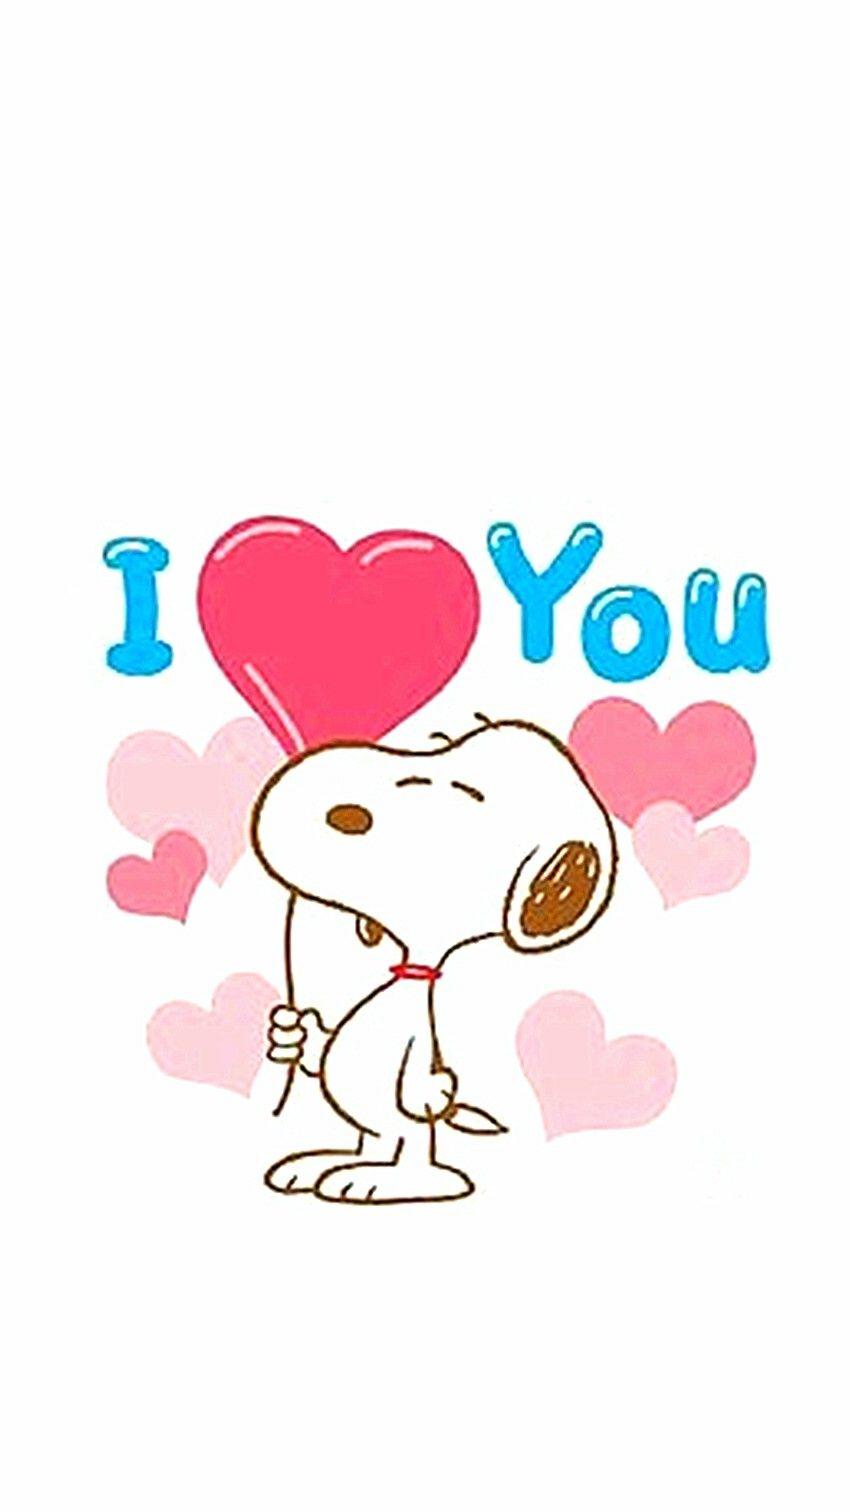 Download Wallpaper I Love You Cartoon - 025463b5d0e1520a5d83487c27315f03  You Should Have_58713   .jpg